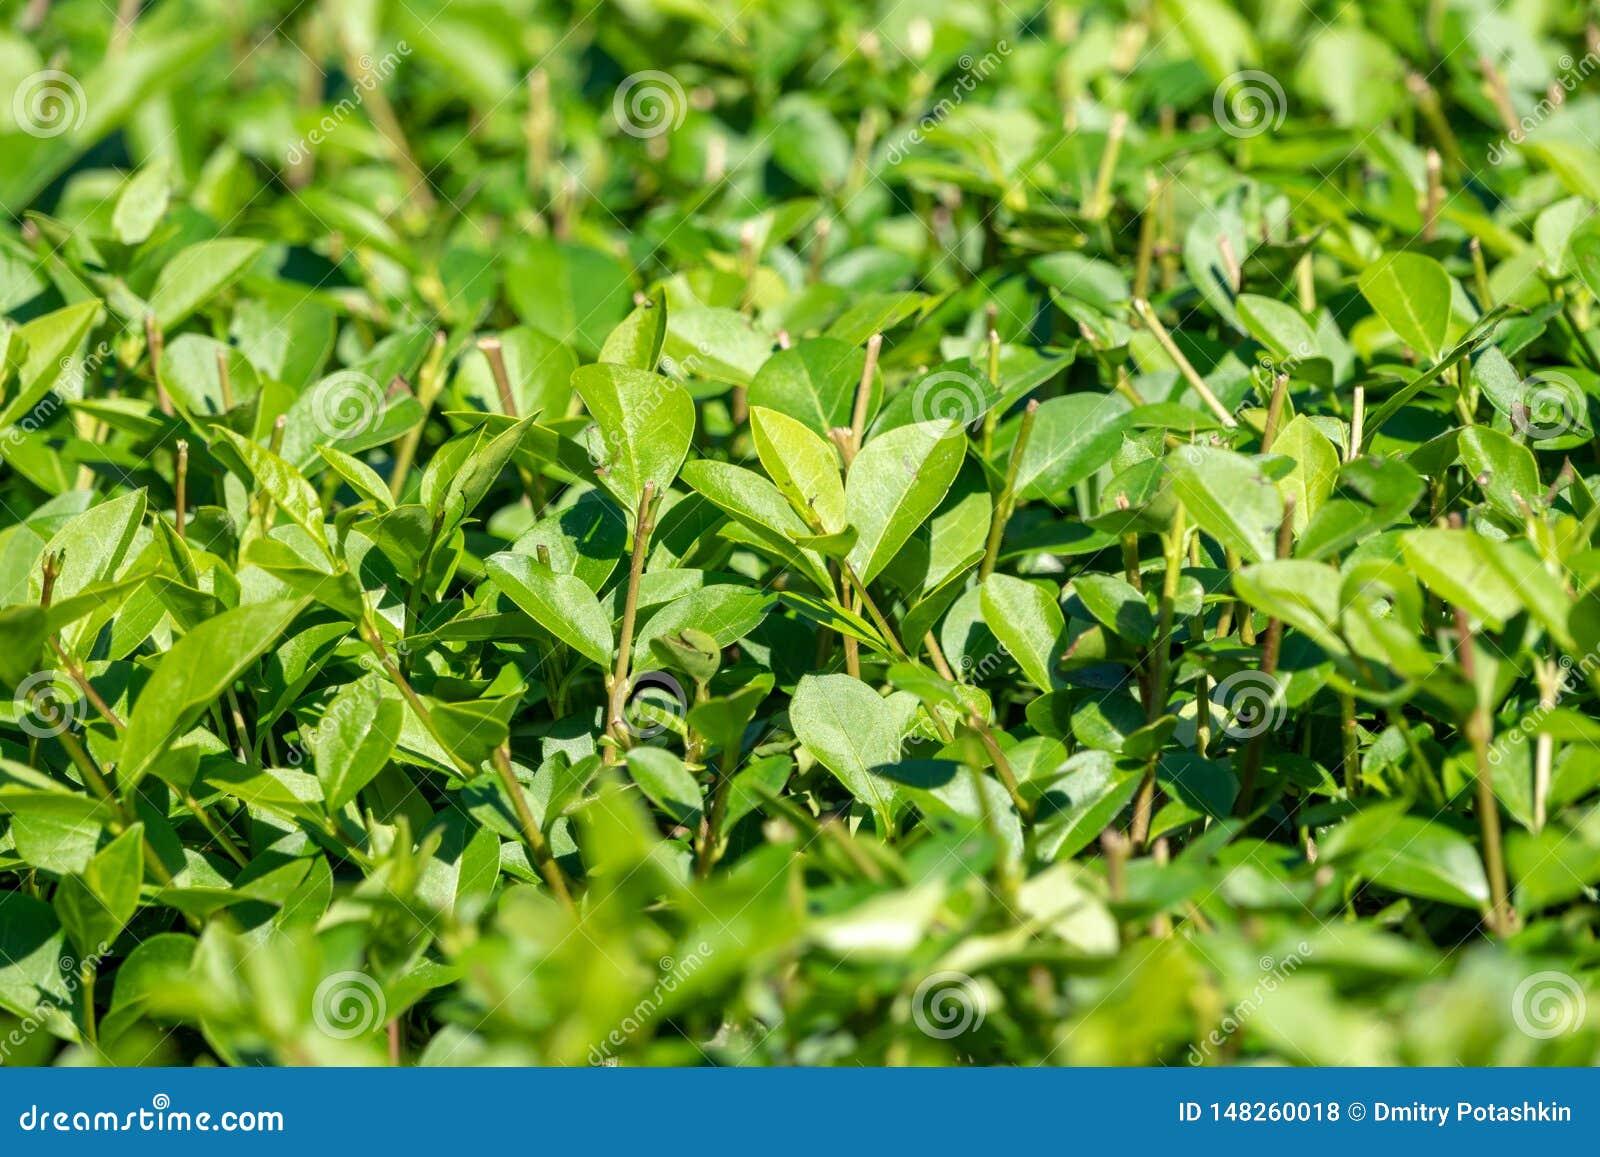 Buissons verts avec les branches ?quilibr?es et les jeunes feuilles